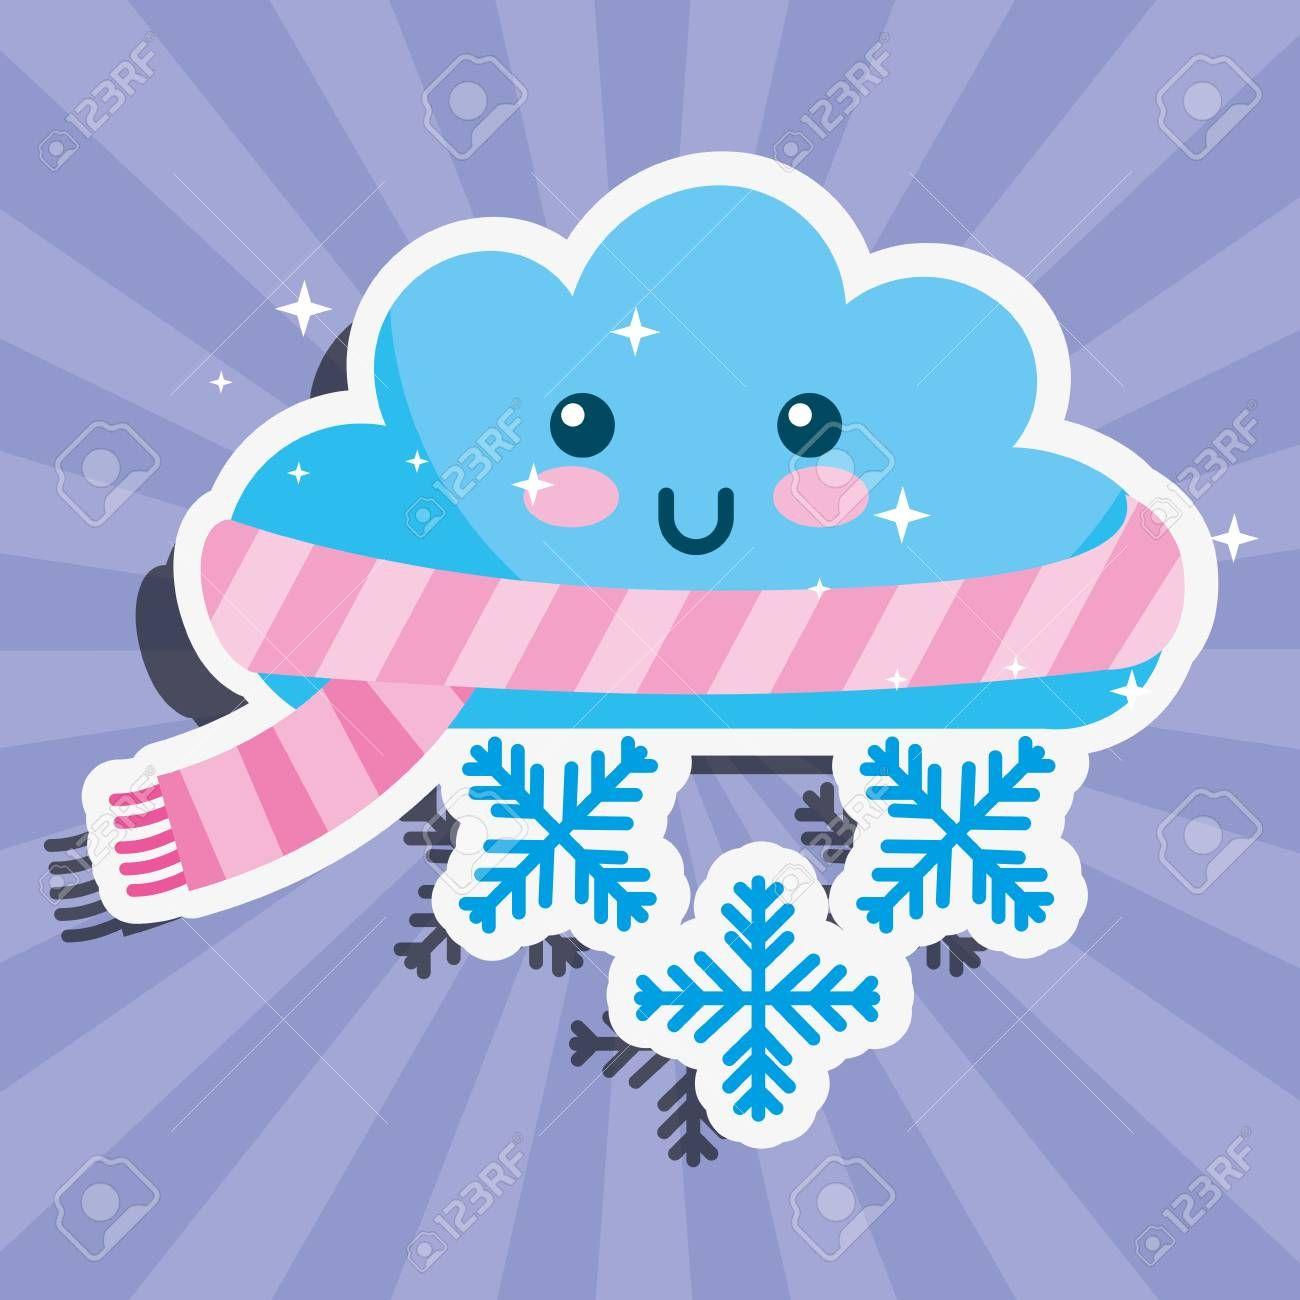 20+ Cute Snowy Cloud Clipart